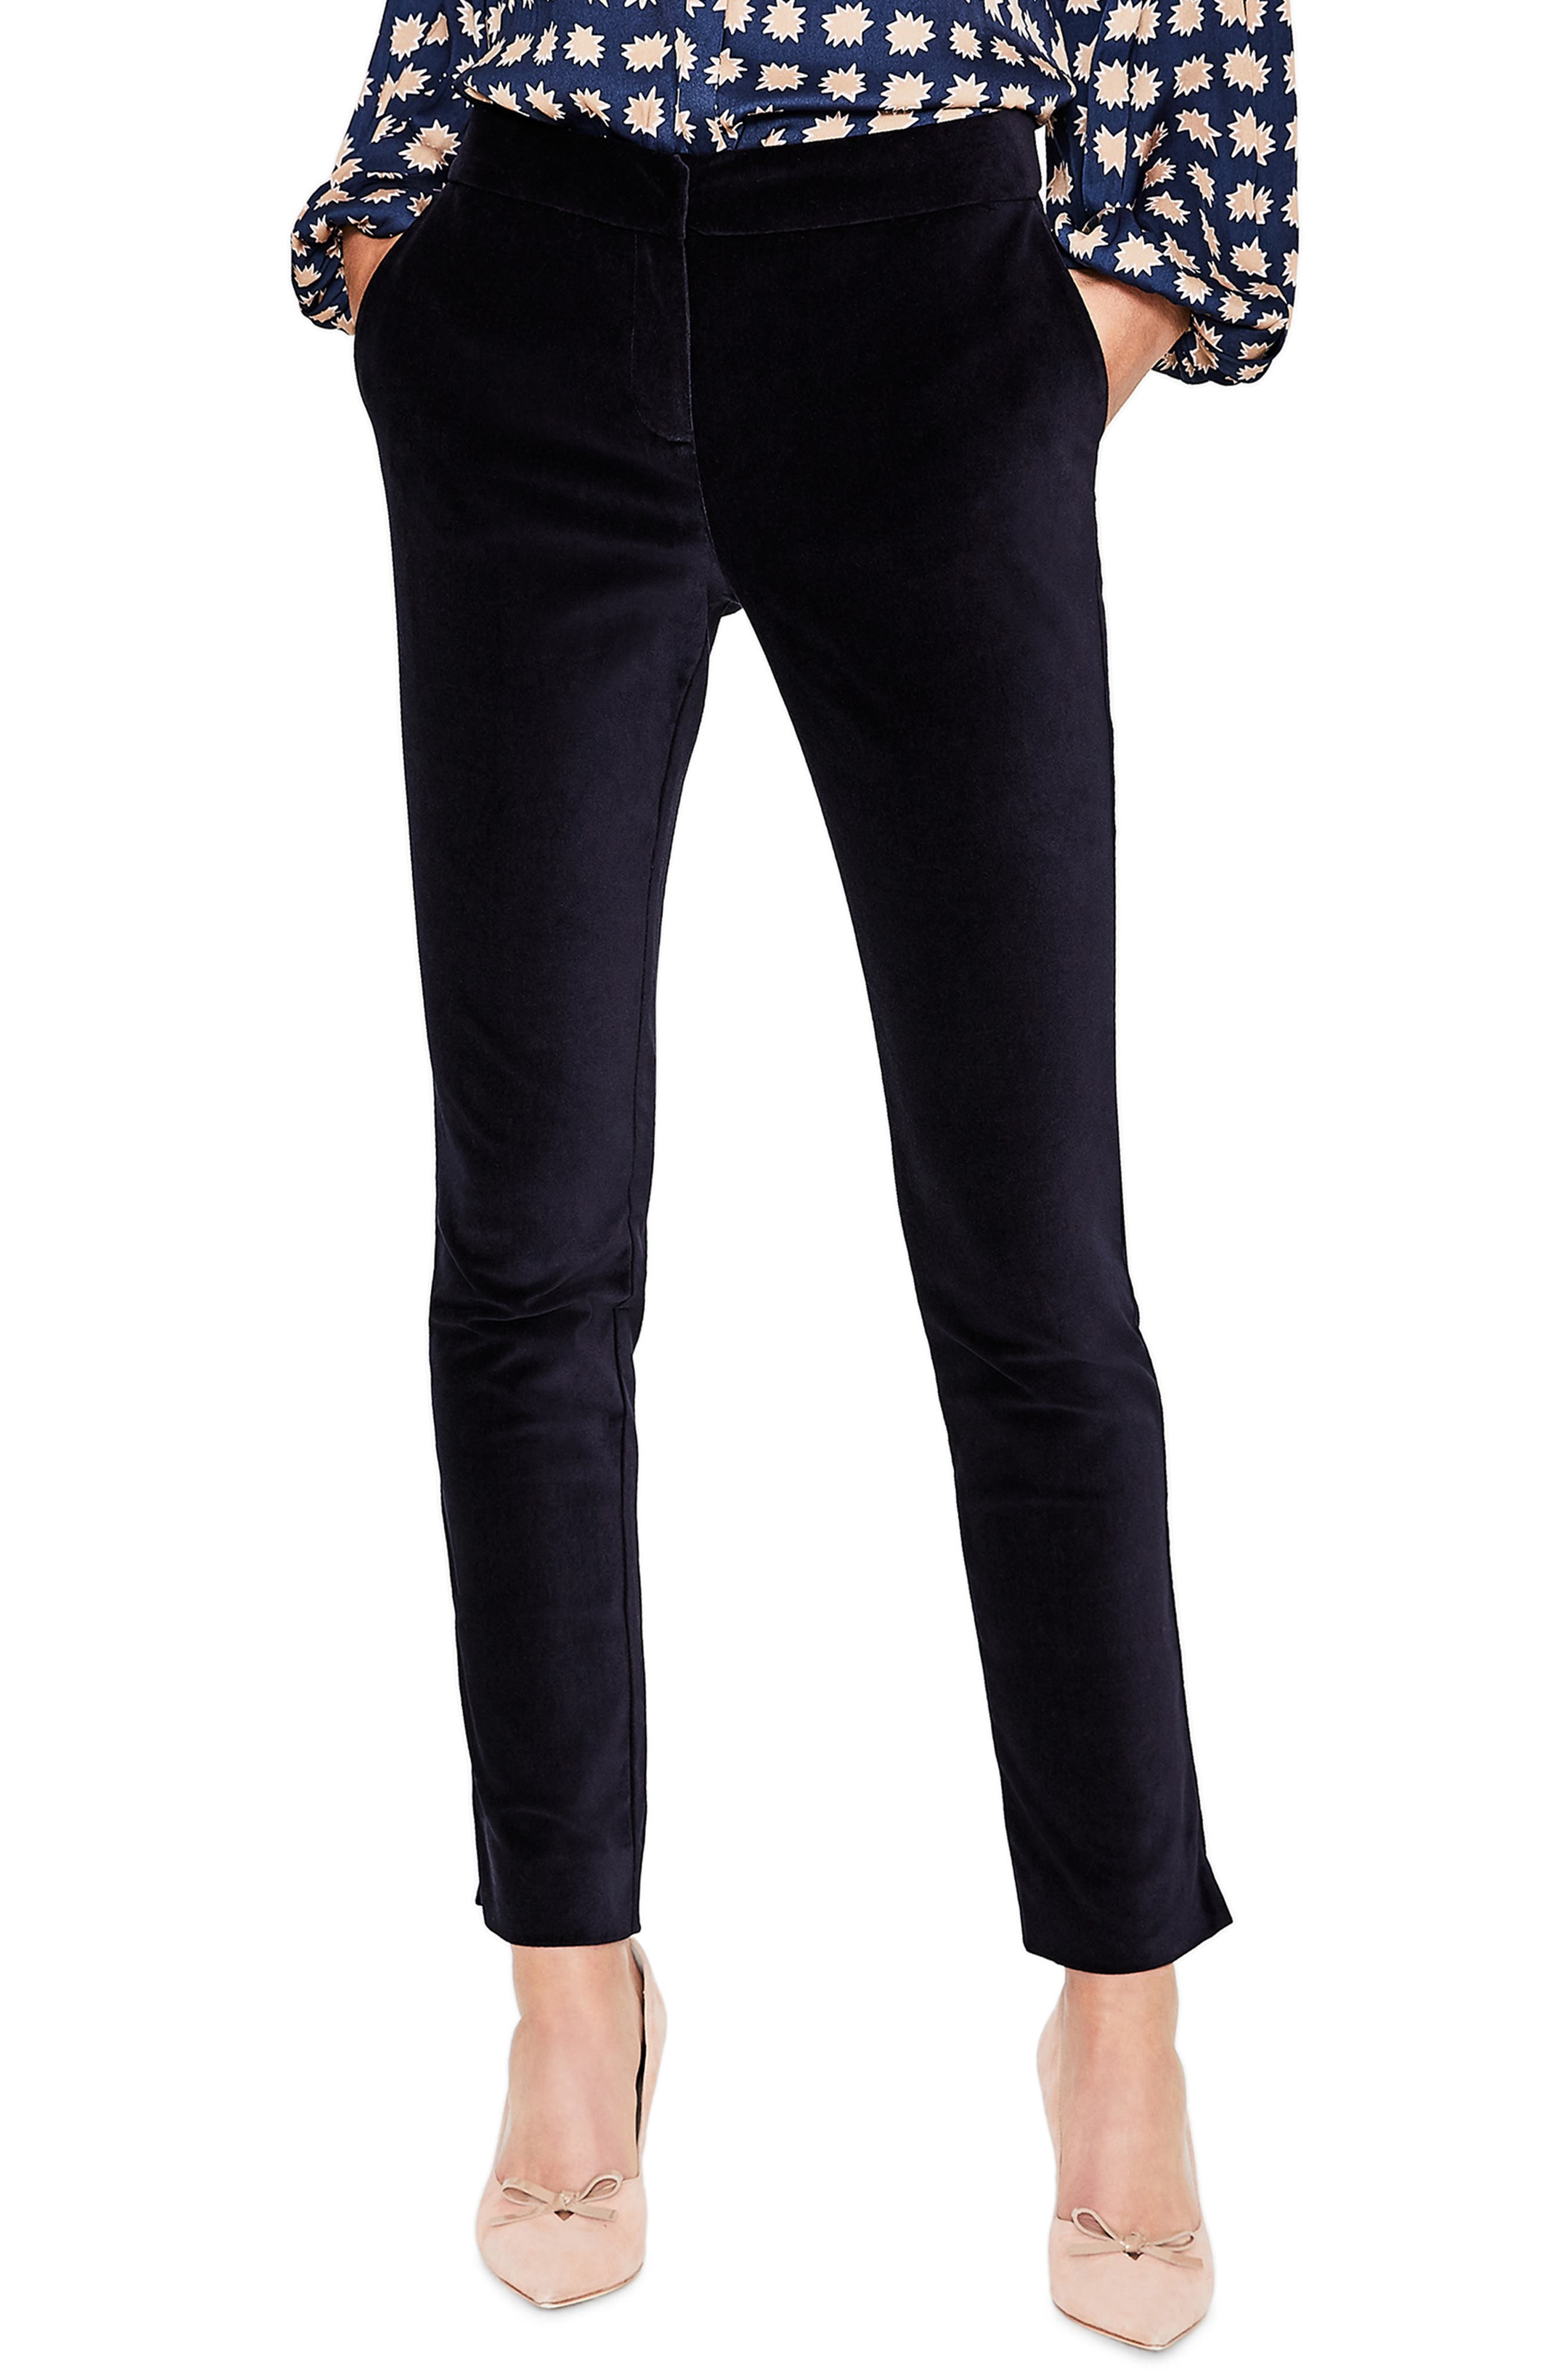 Ebony milf in grey jeans